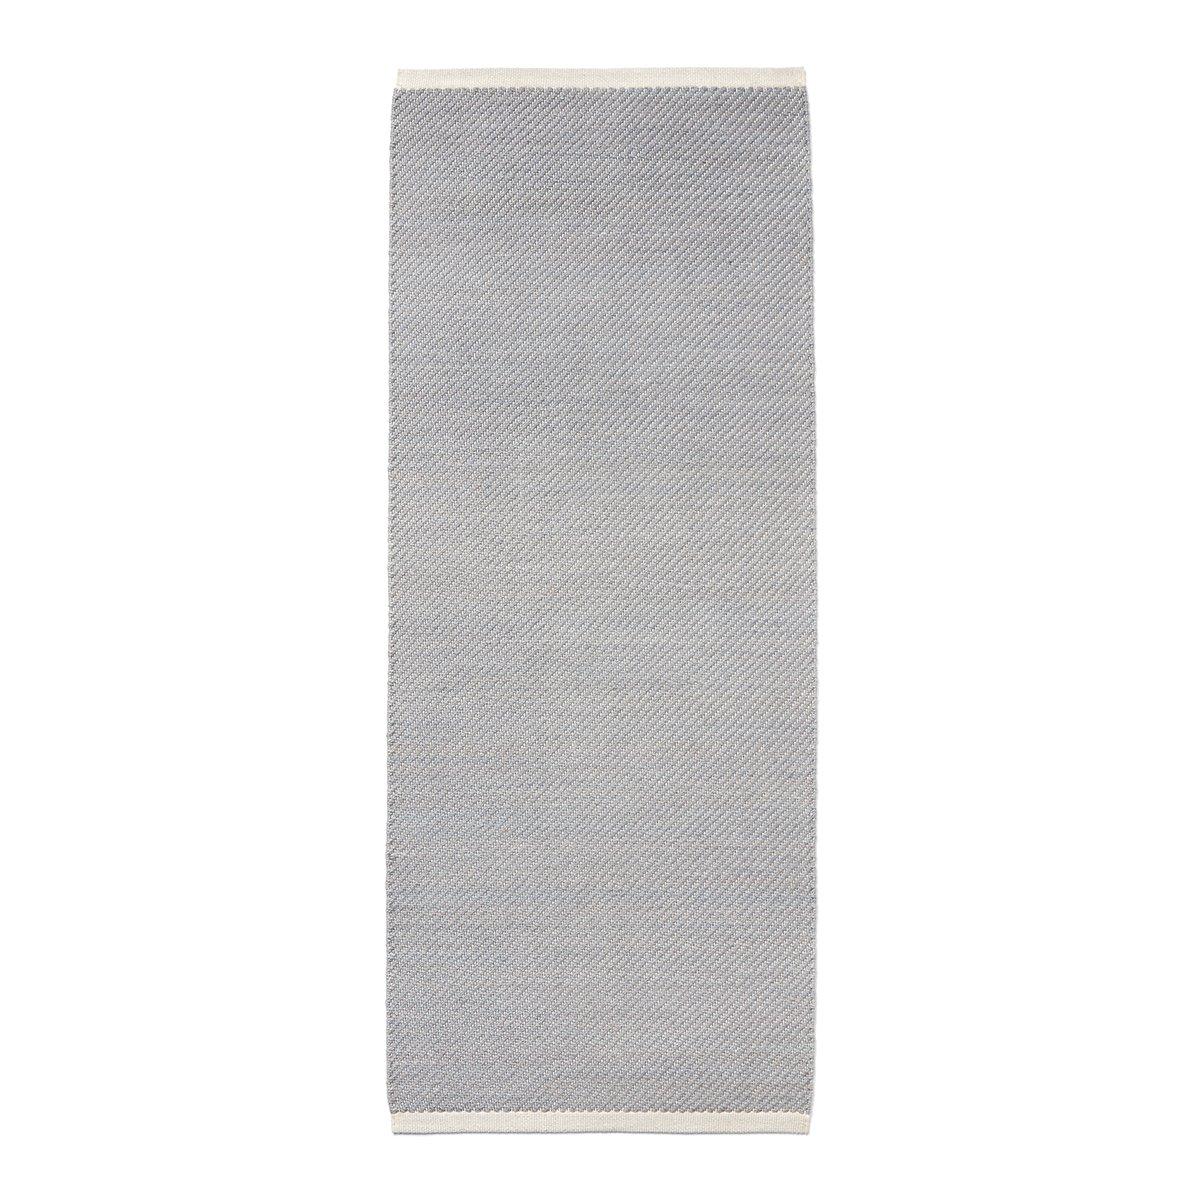 HAY Bias Vloerkleed - Cool Grey - 200 x 140 cm.